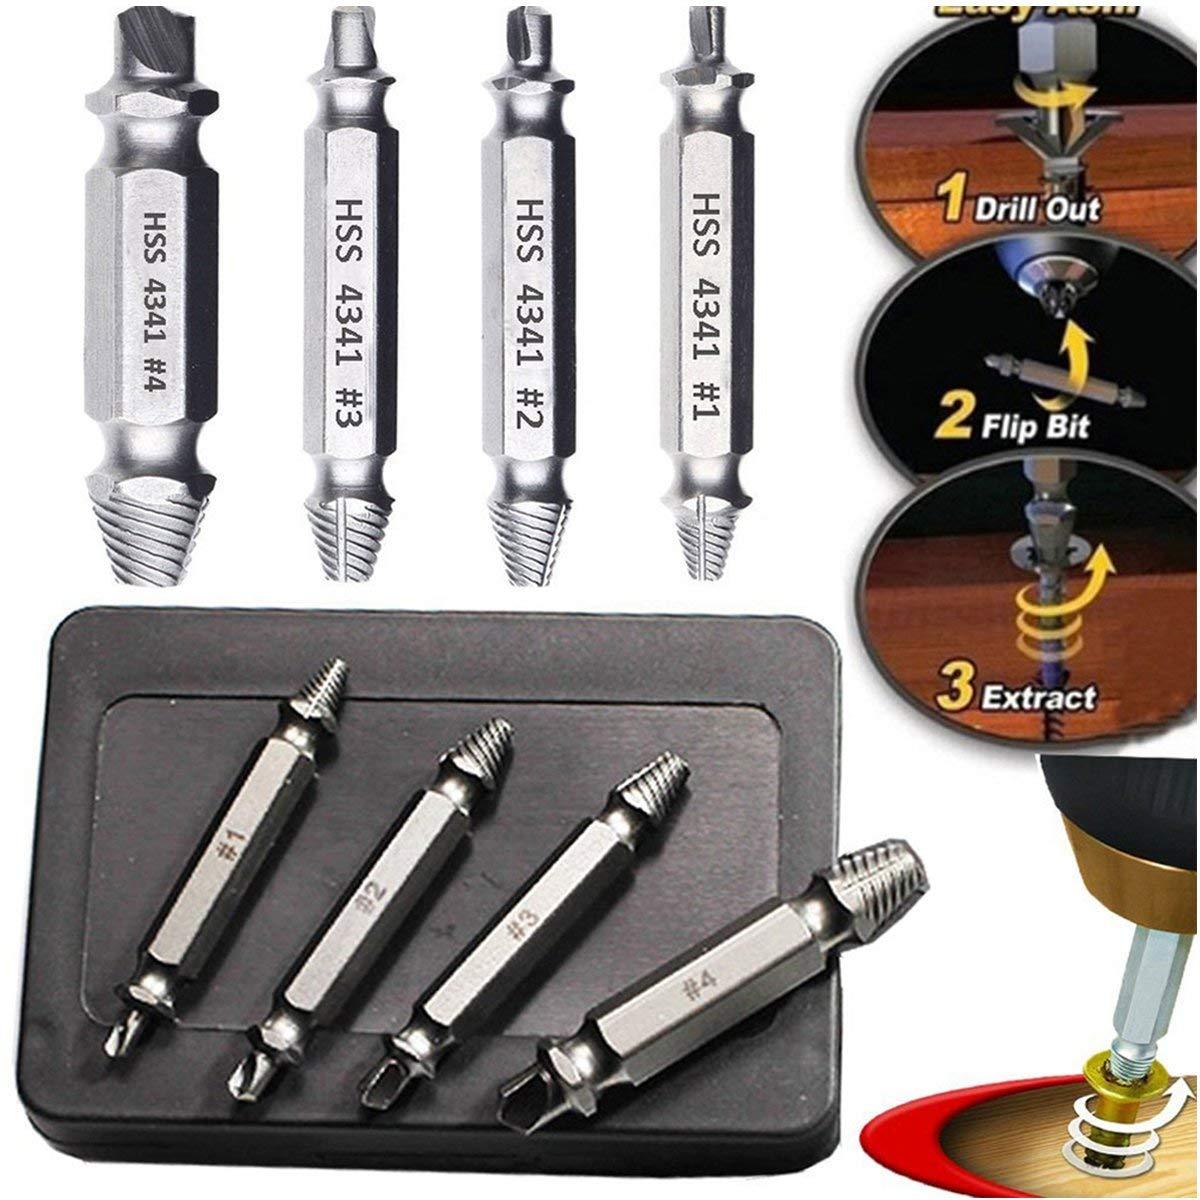 vis de boulon extracteurs de vis Kit extracteur de vis endommag/é pour enlever facilement les vis d/énud/ées cass/ées forets et forets